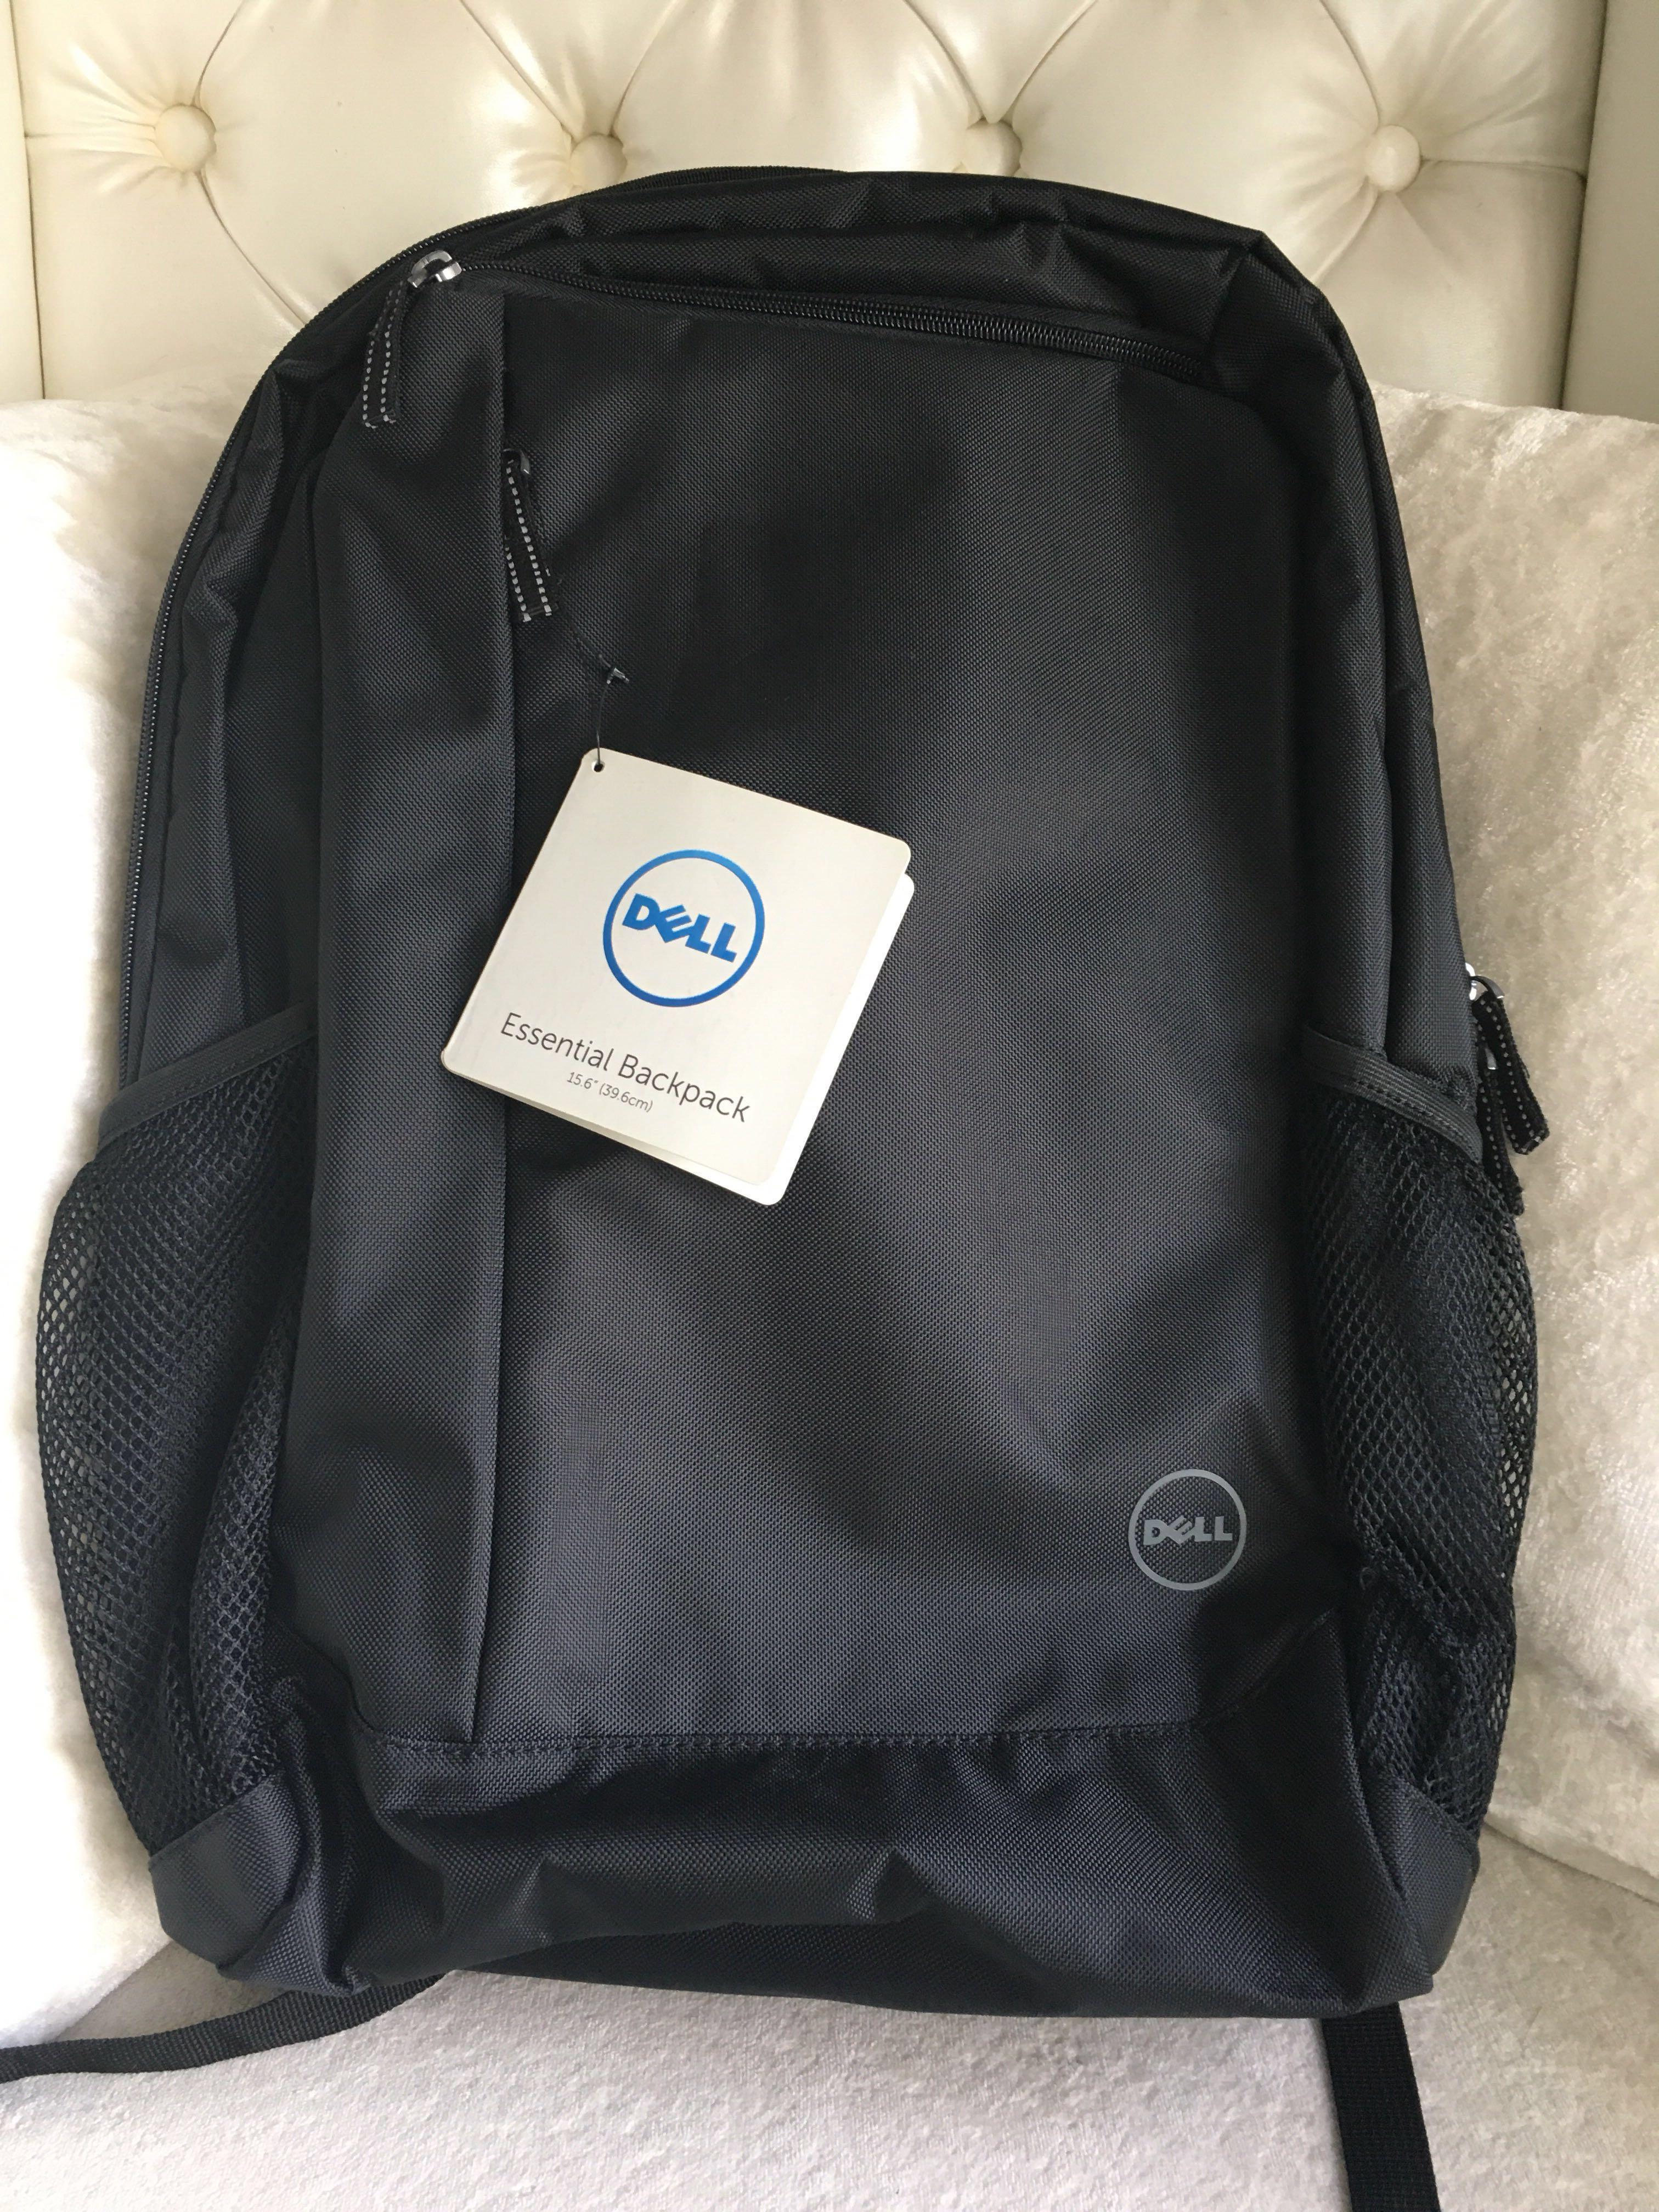 18fea30794 Home · Men s Fashion · Bags   Wallets · Backpacks. photo photo ...